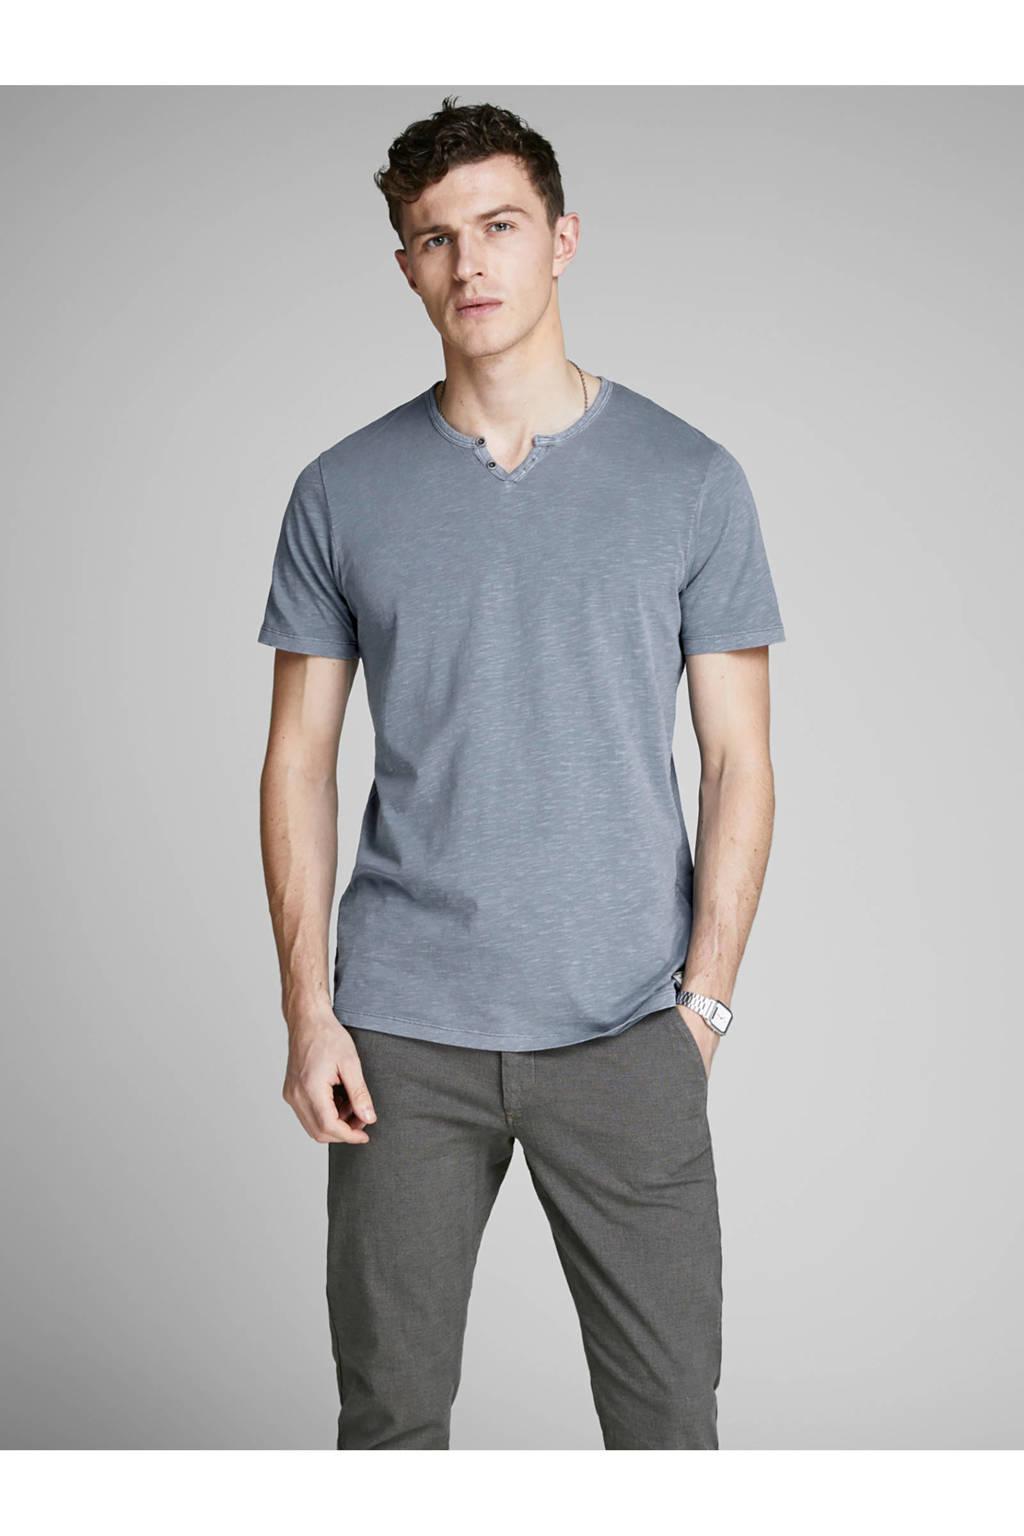 Jack & Jones Premium gemêleerd T-shirt blauw, Blauw